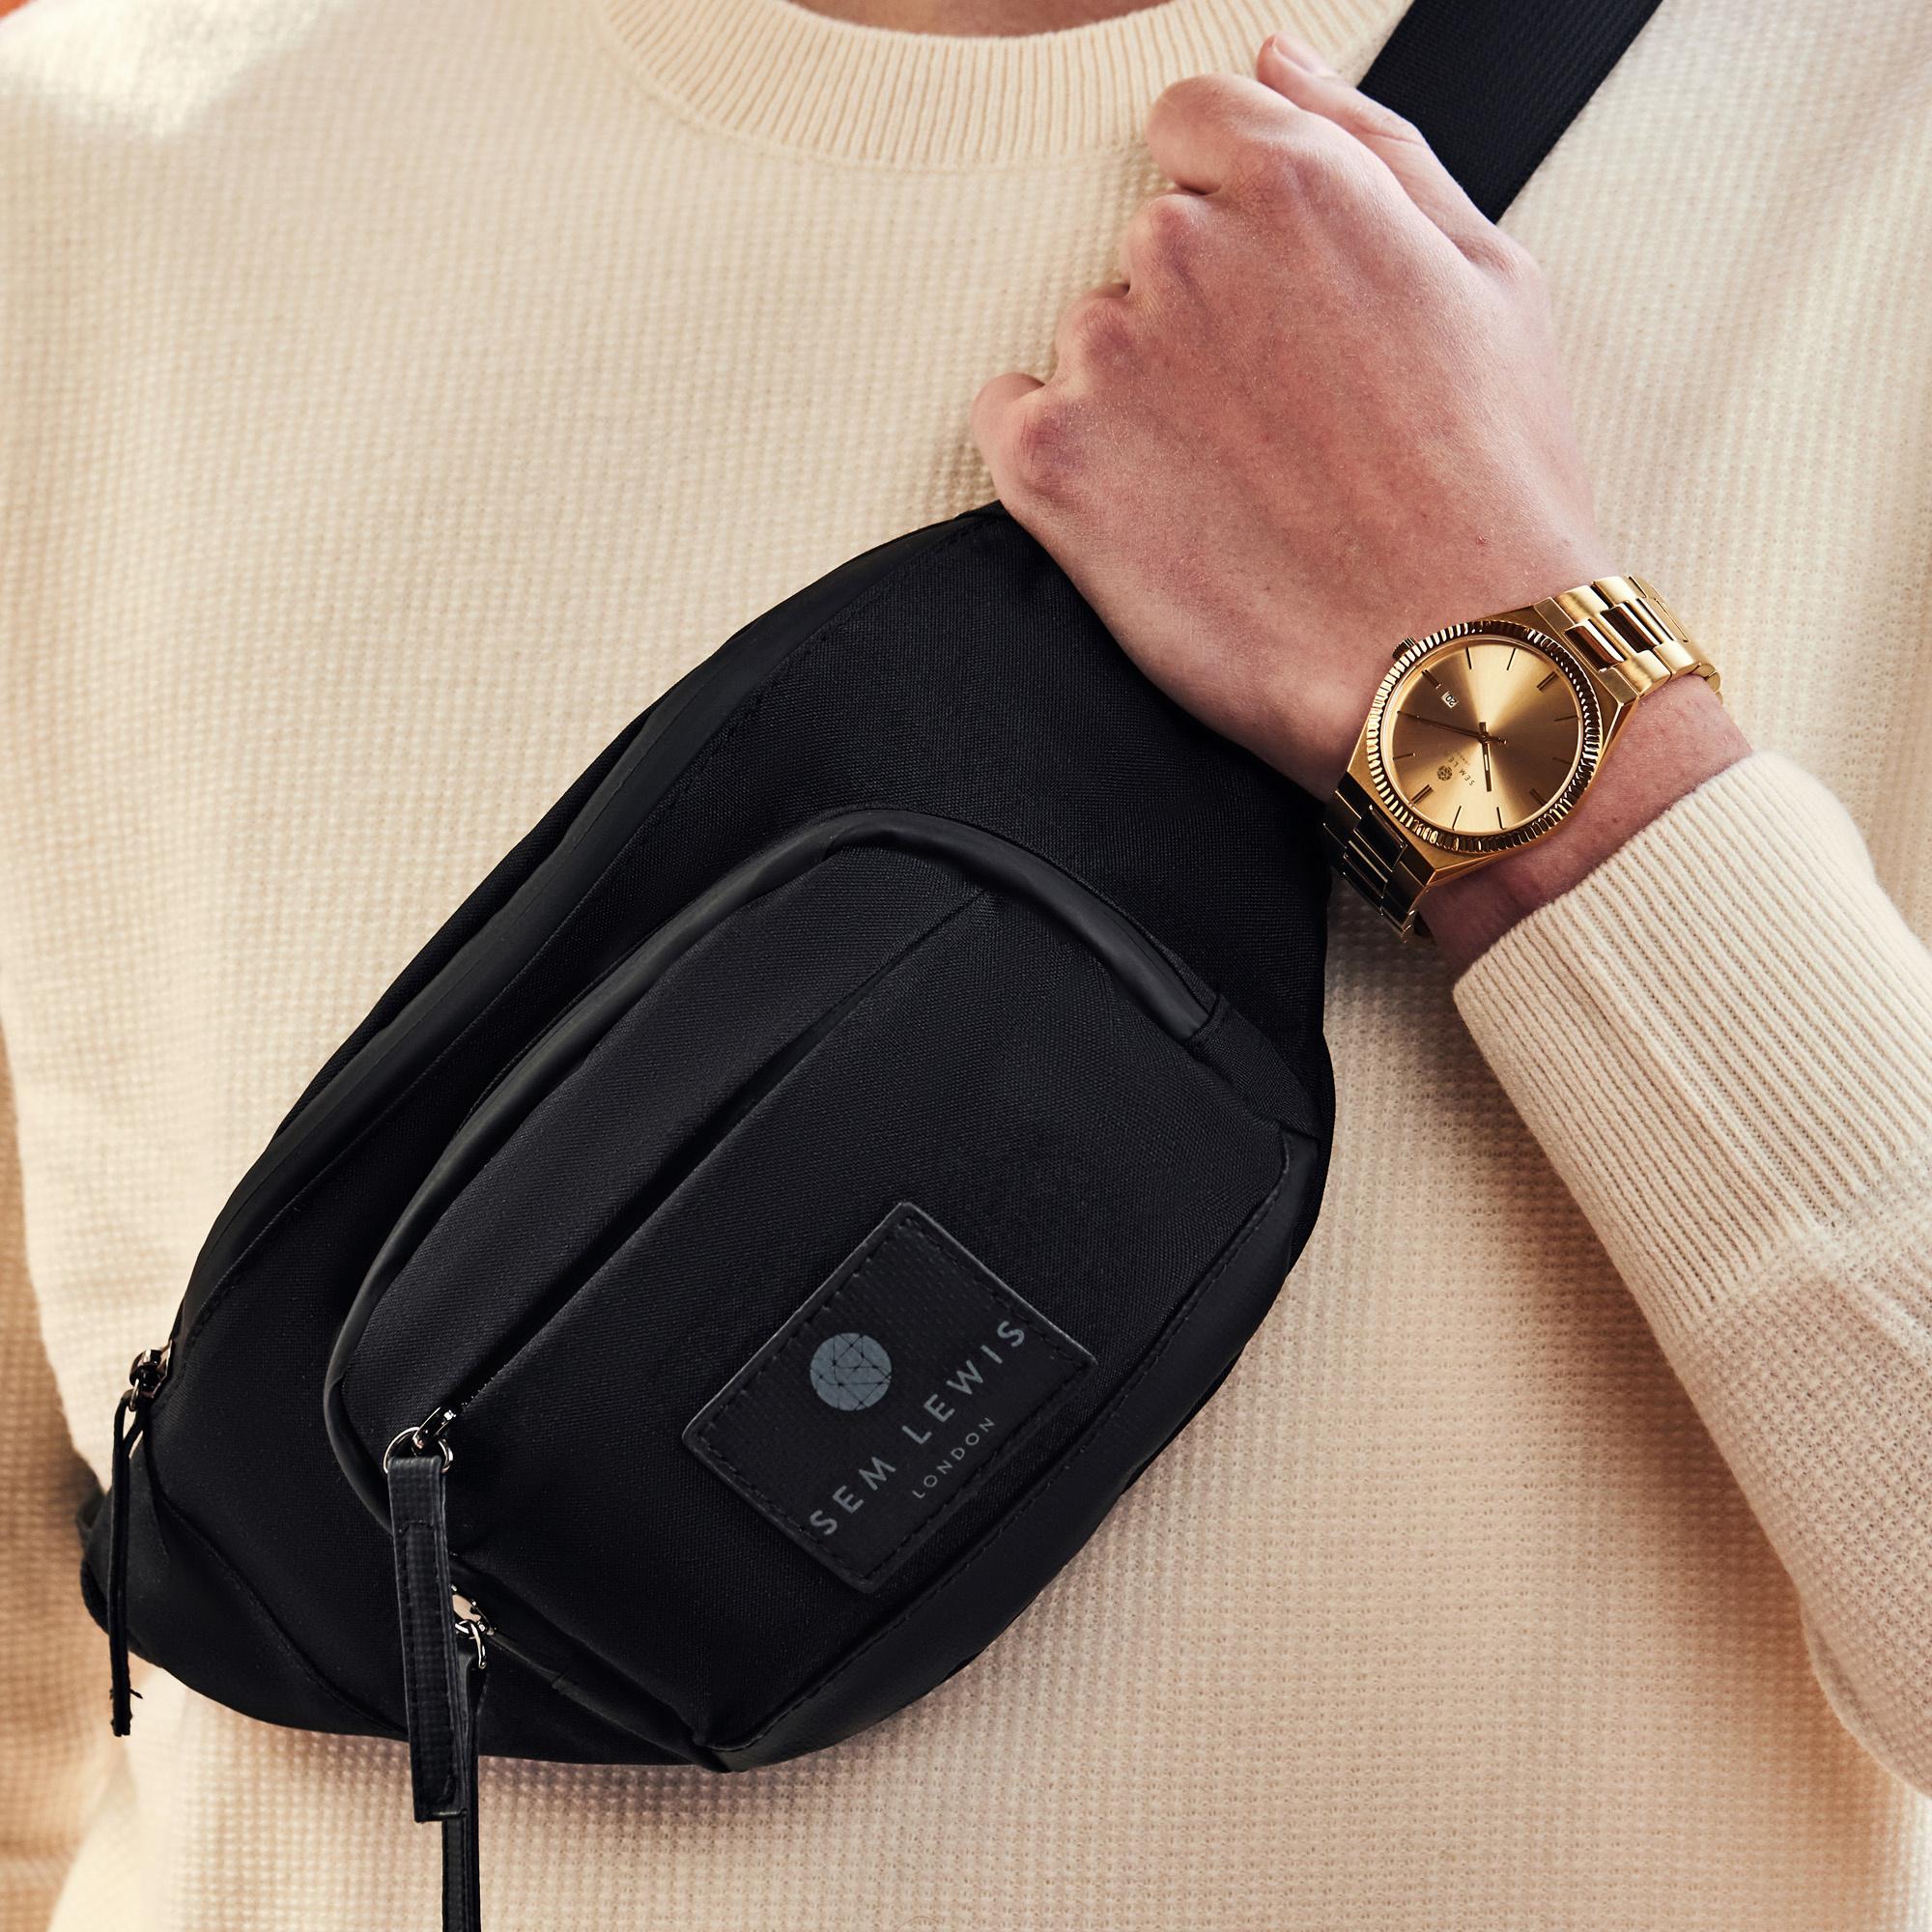 Sem Lewis Sem's Present zwarte heuptas met goudkleurig horloge